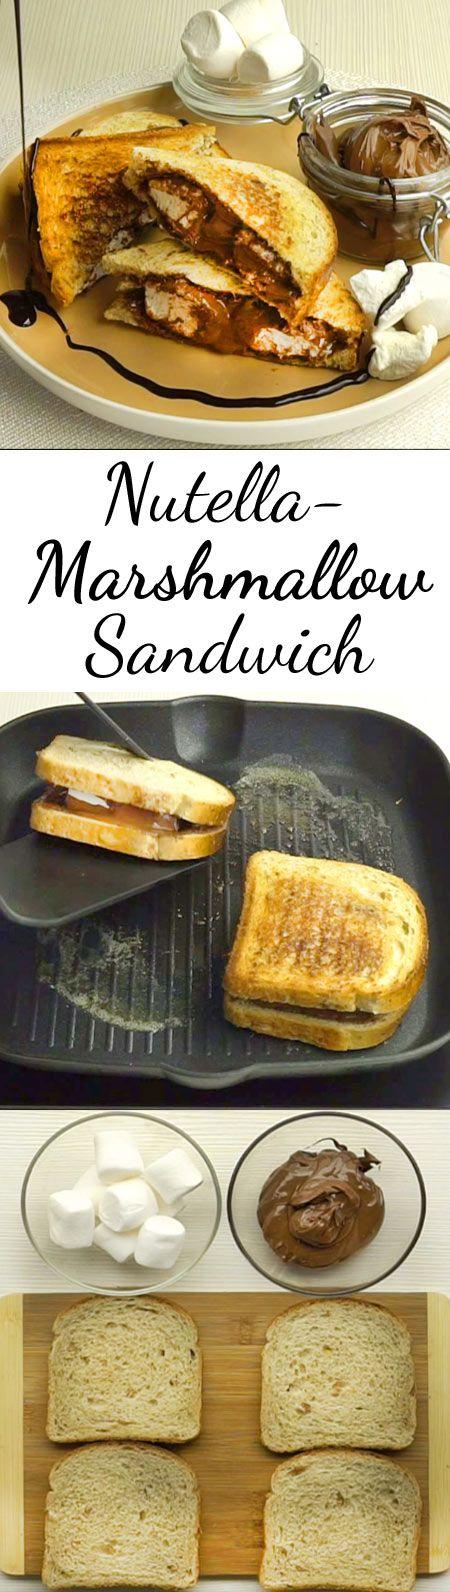 Wer einmal diese Kombi auf dem Brot hatte, will sein Sandwich nie mehr ohne Marshmallow essen!